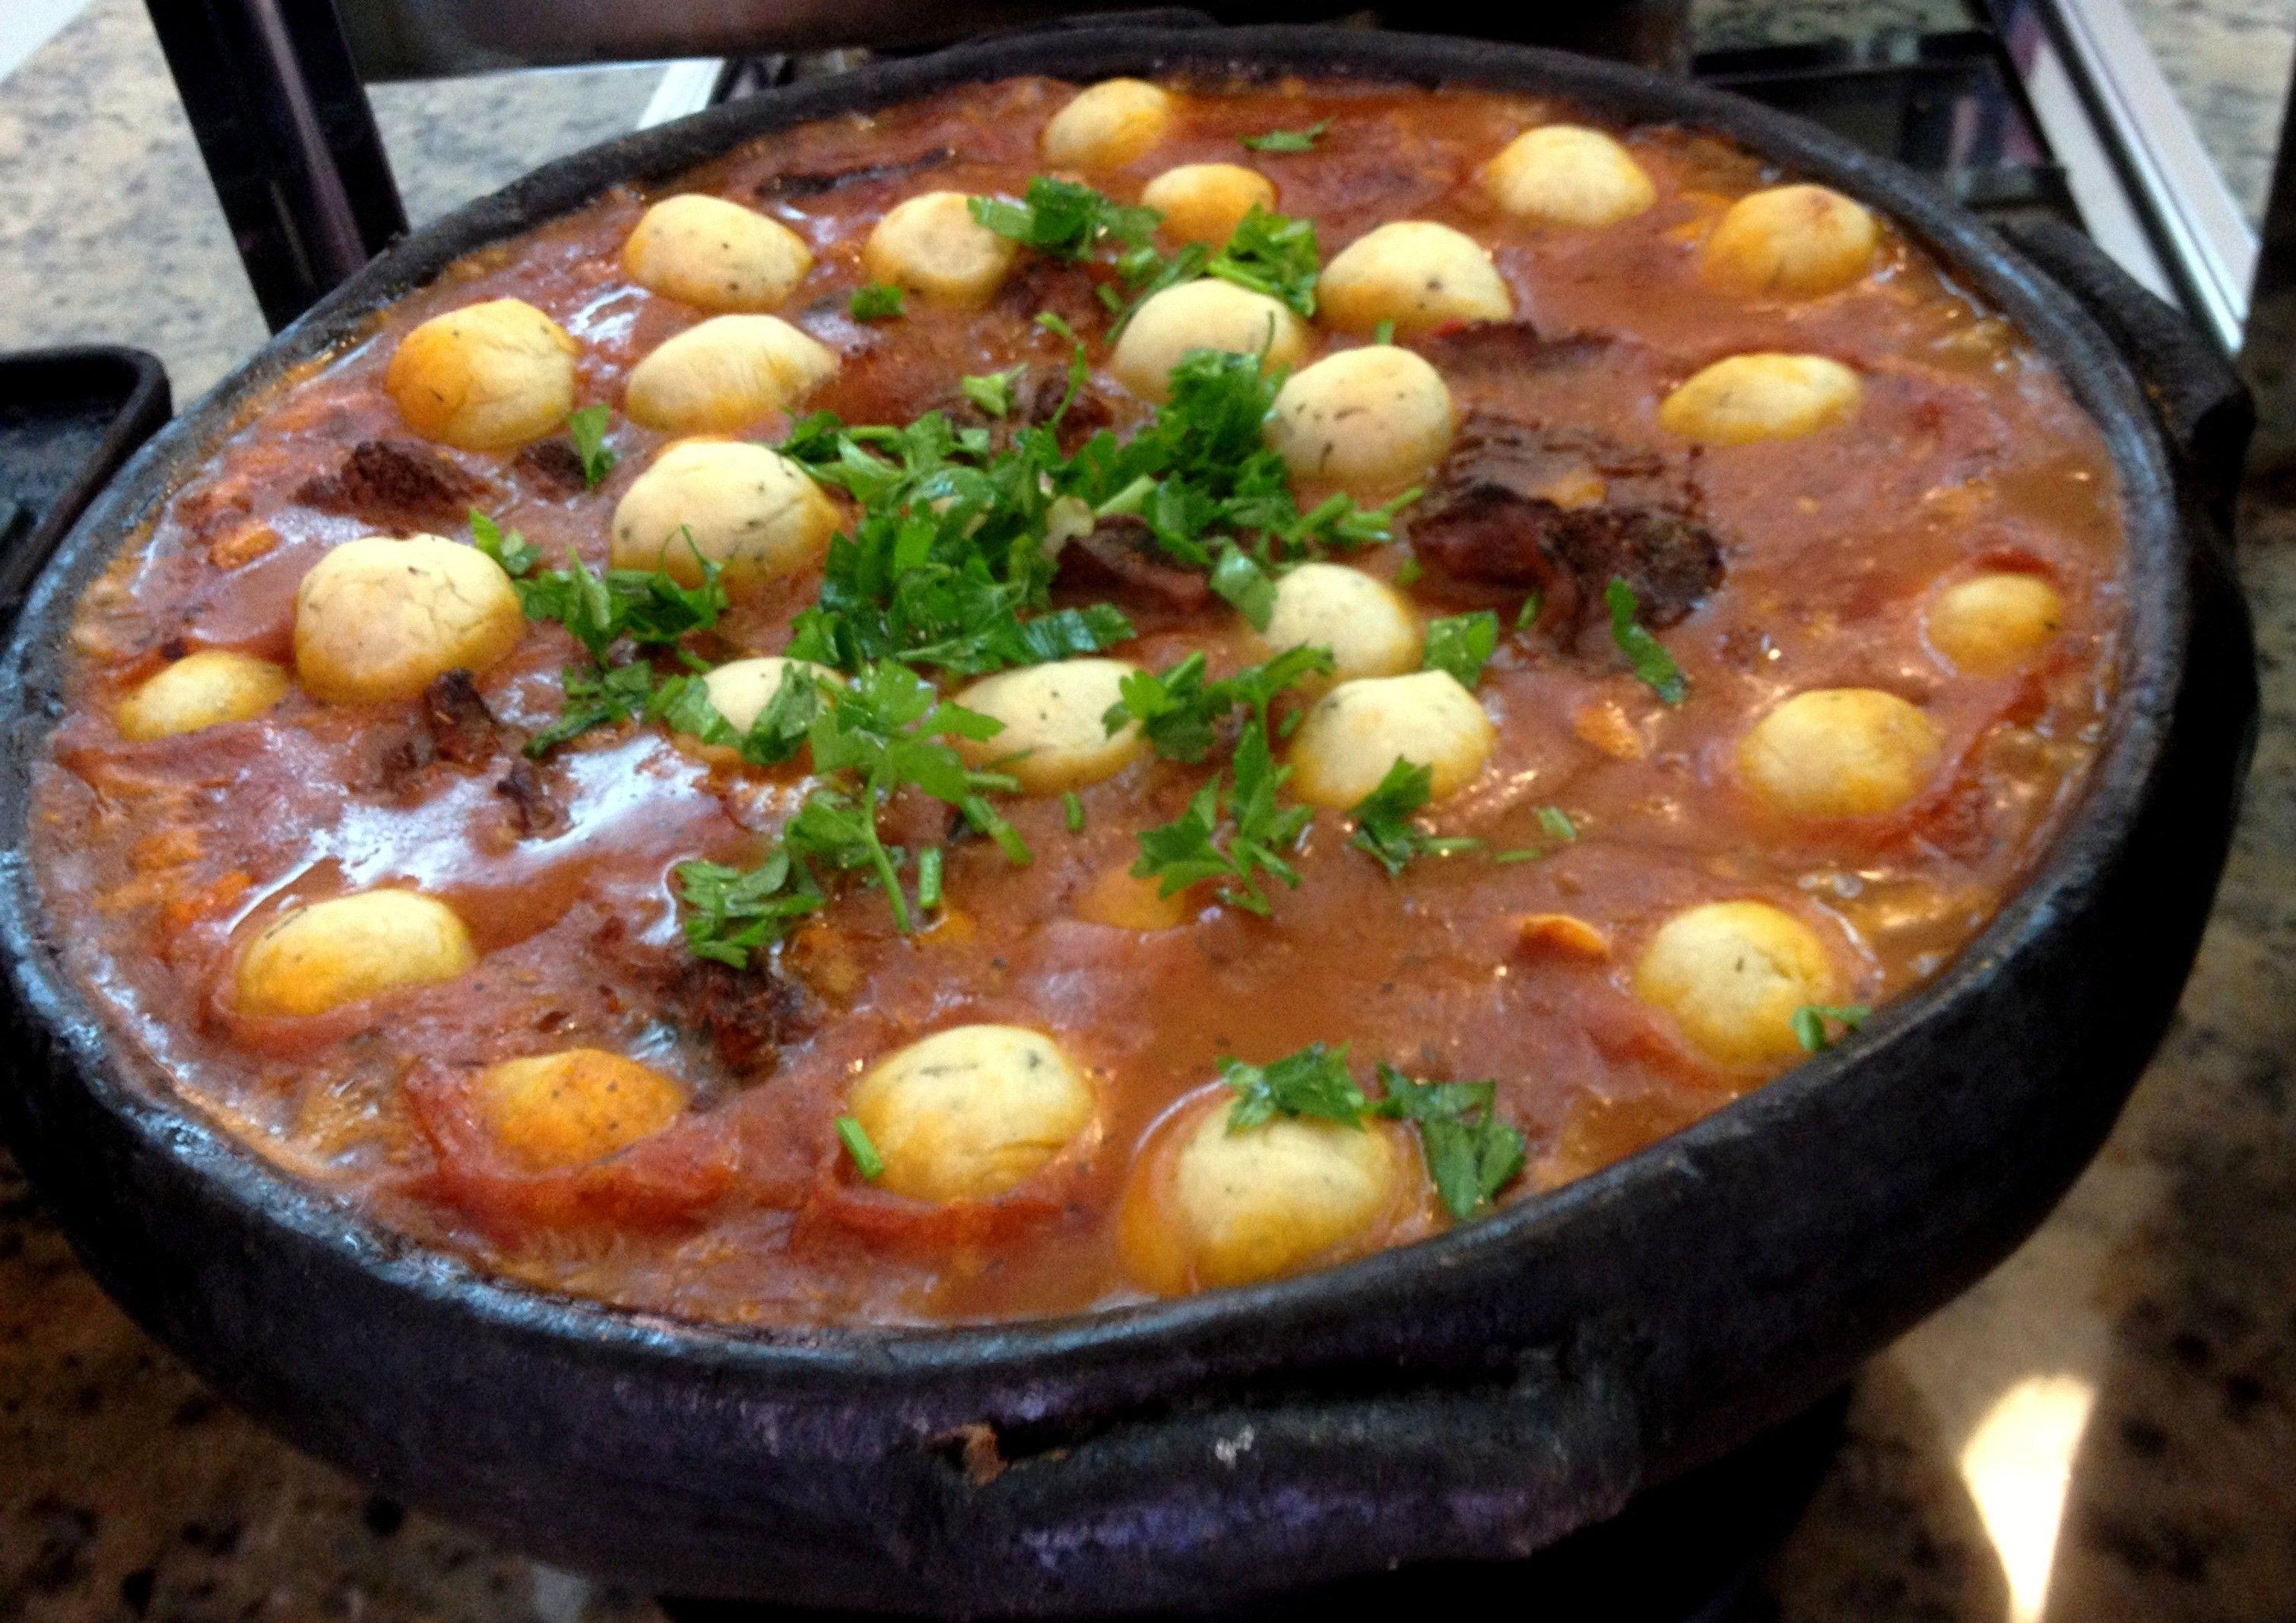 ensopado medieval medieval beef stew with dumplings